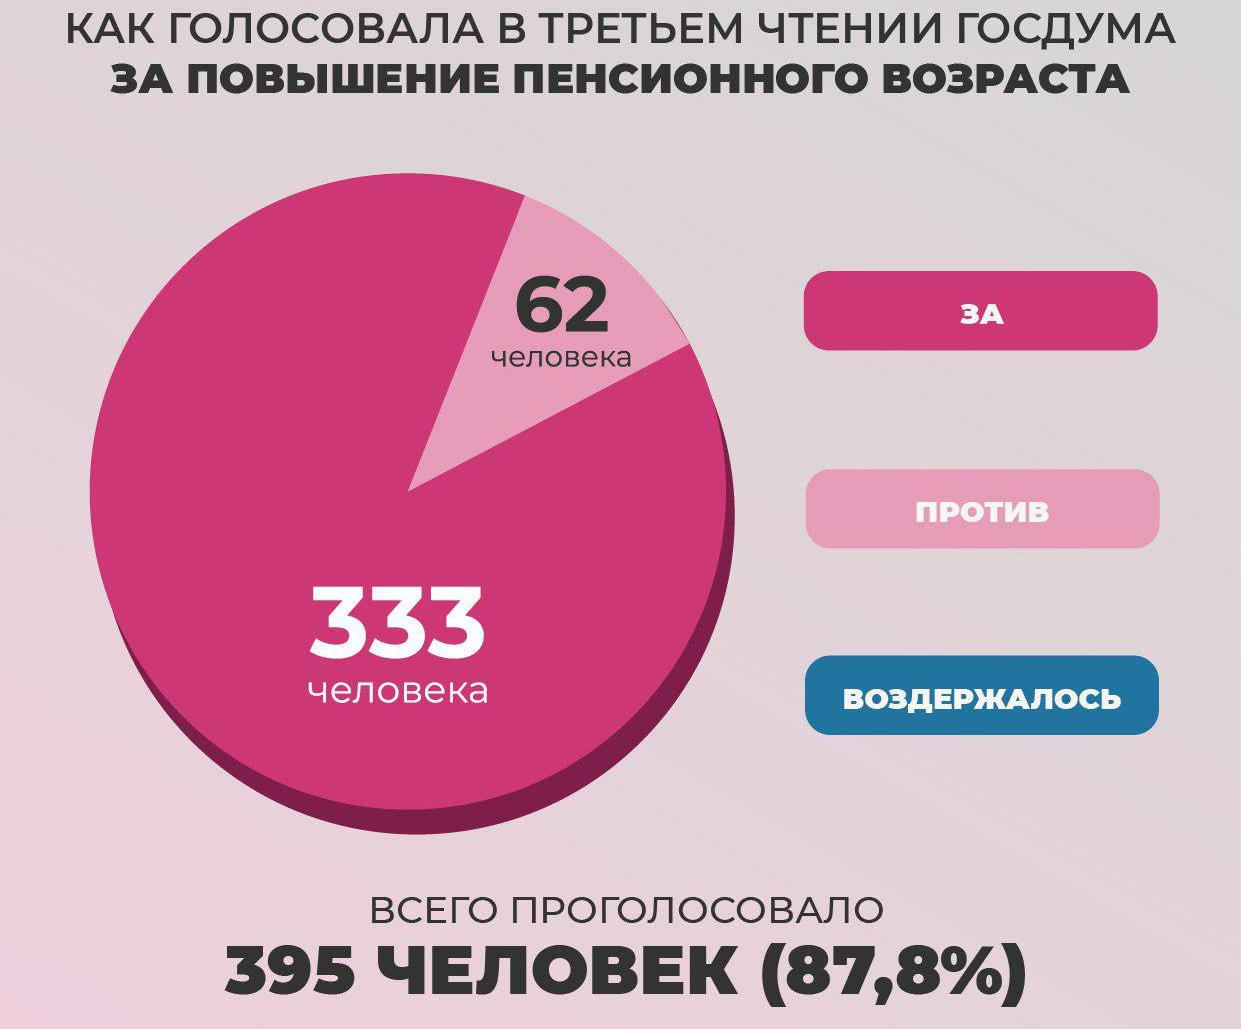 голосование в 3 чтении